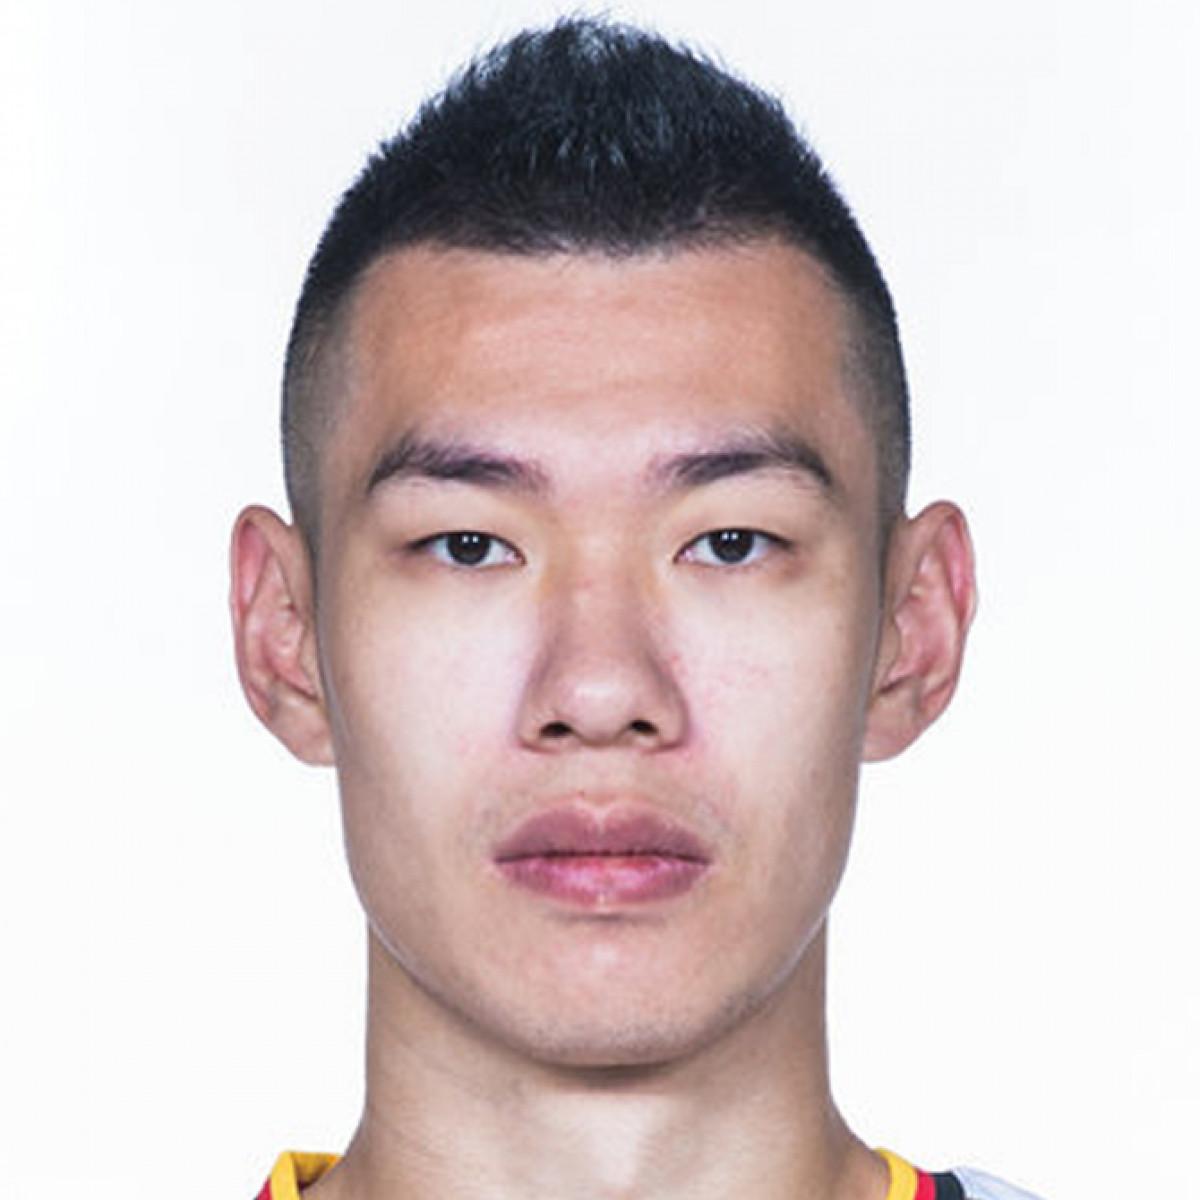 Kaiwen Luo